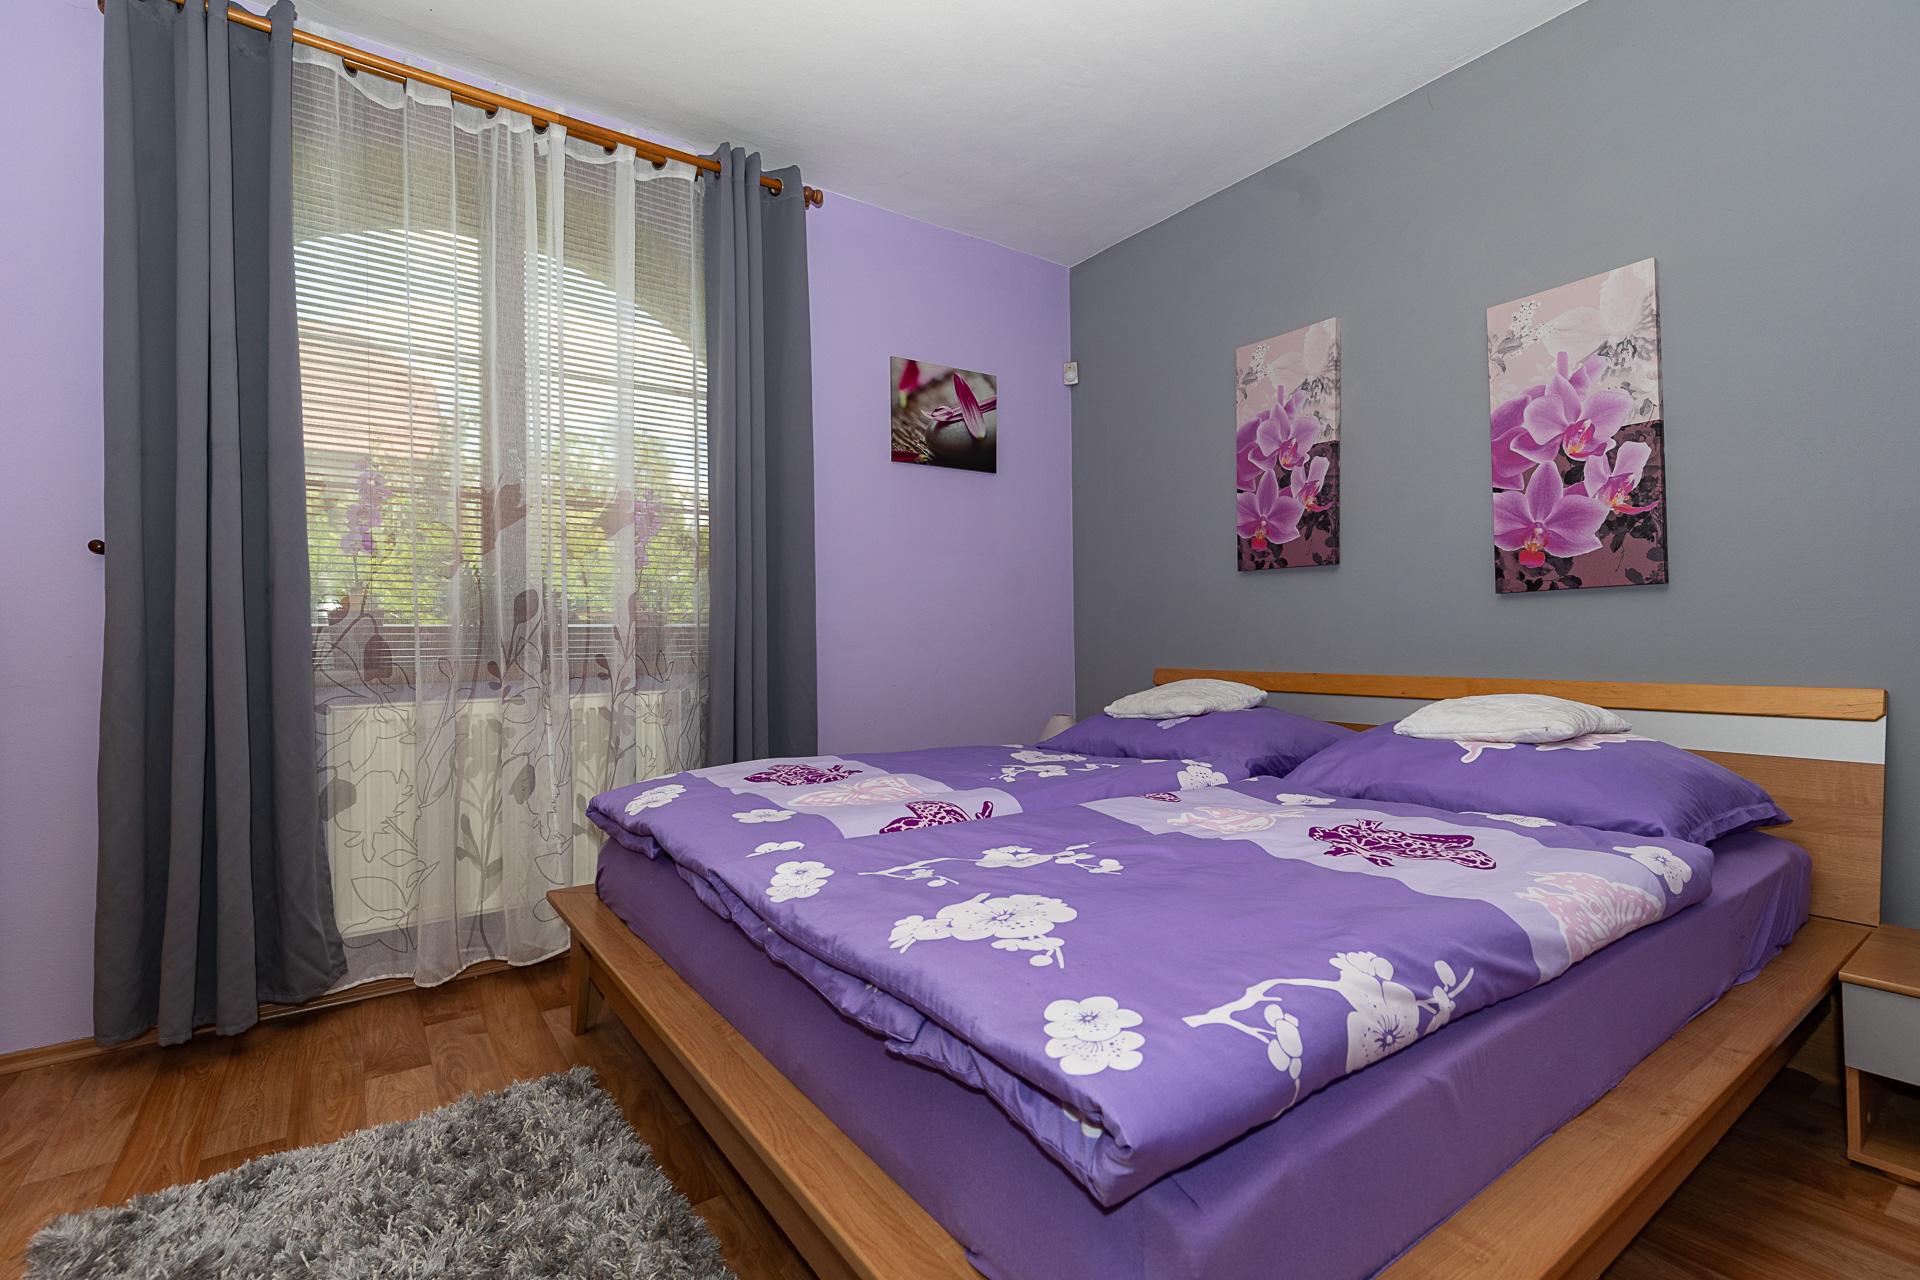 ložnice s dřevěnou postelí, obrazy na stěnách a oknem